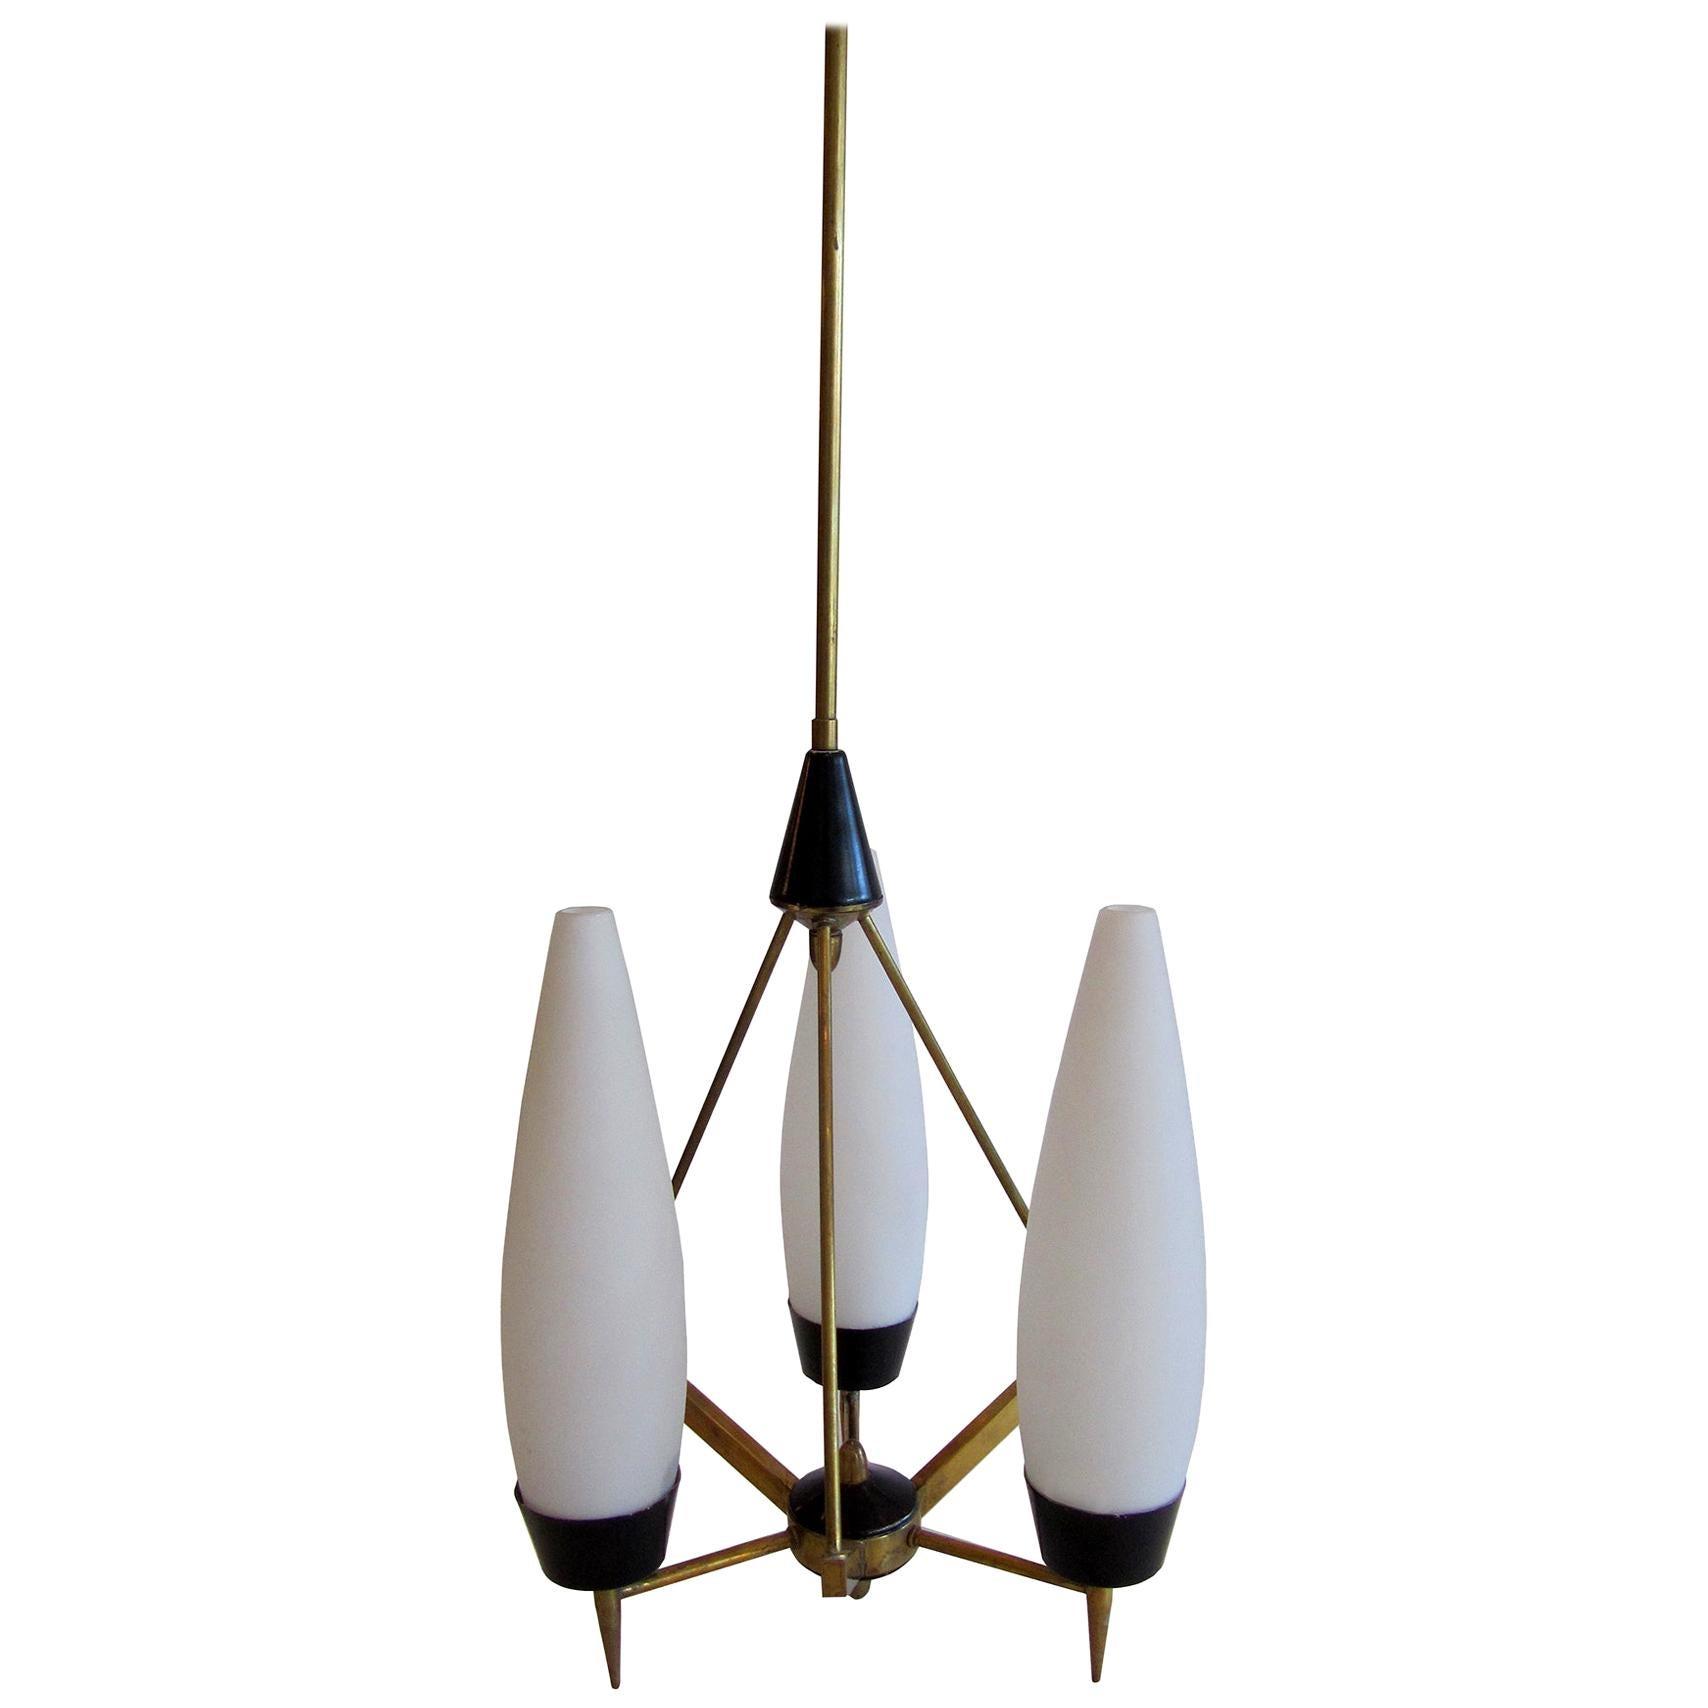 Italian Modern Brass, Glass and Enameled 3-Light Chandelier, Stilnovo